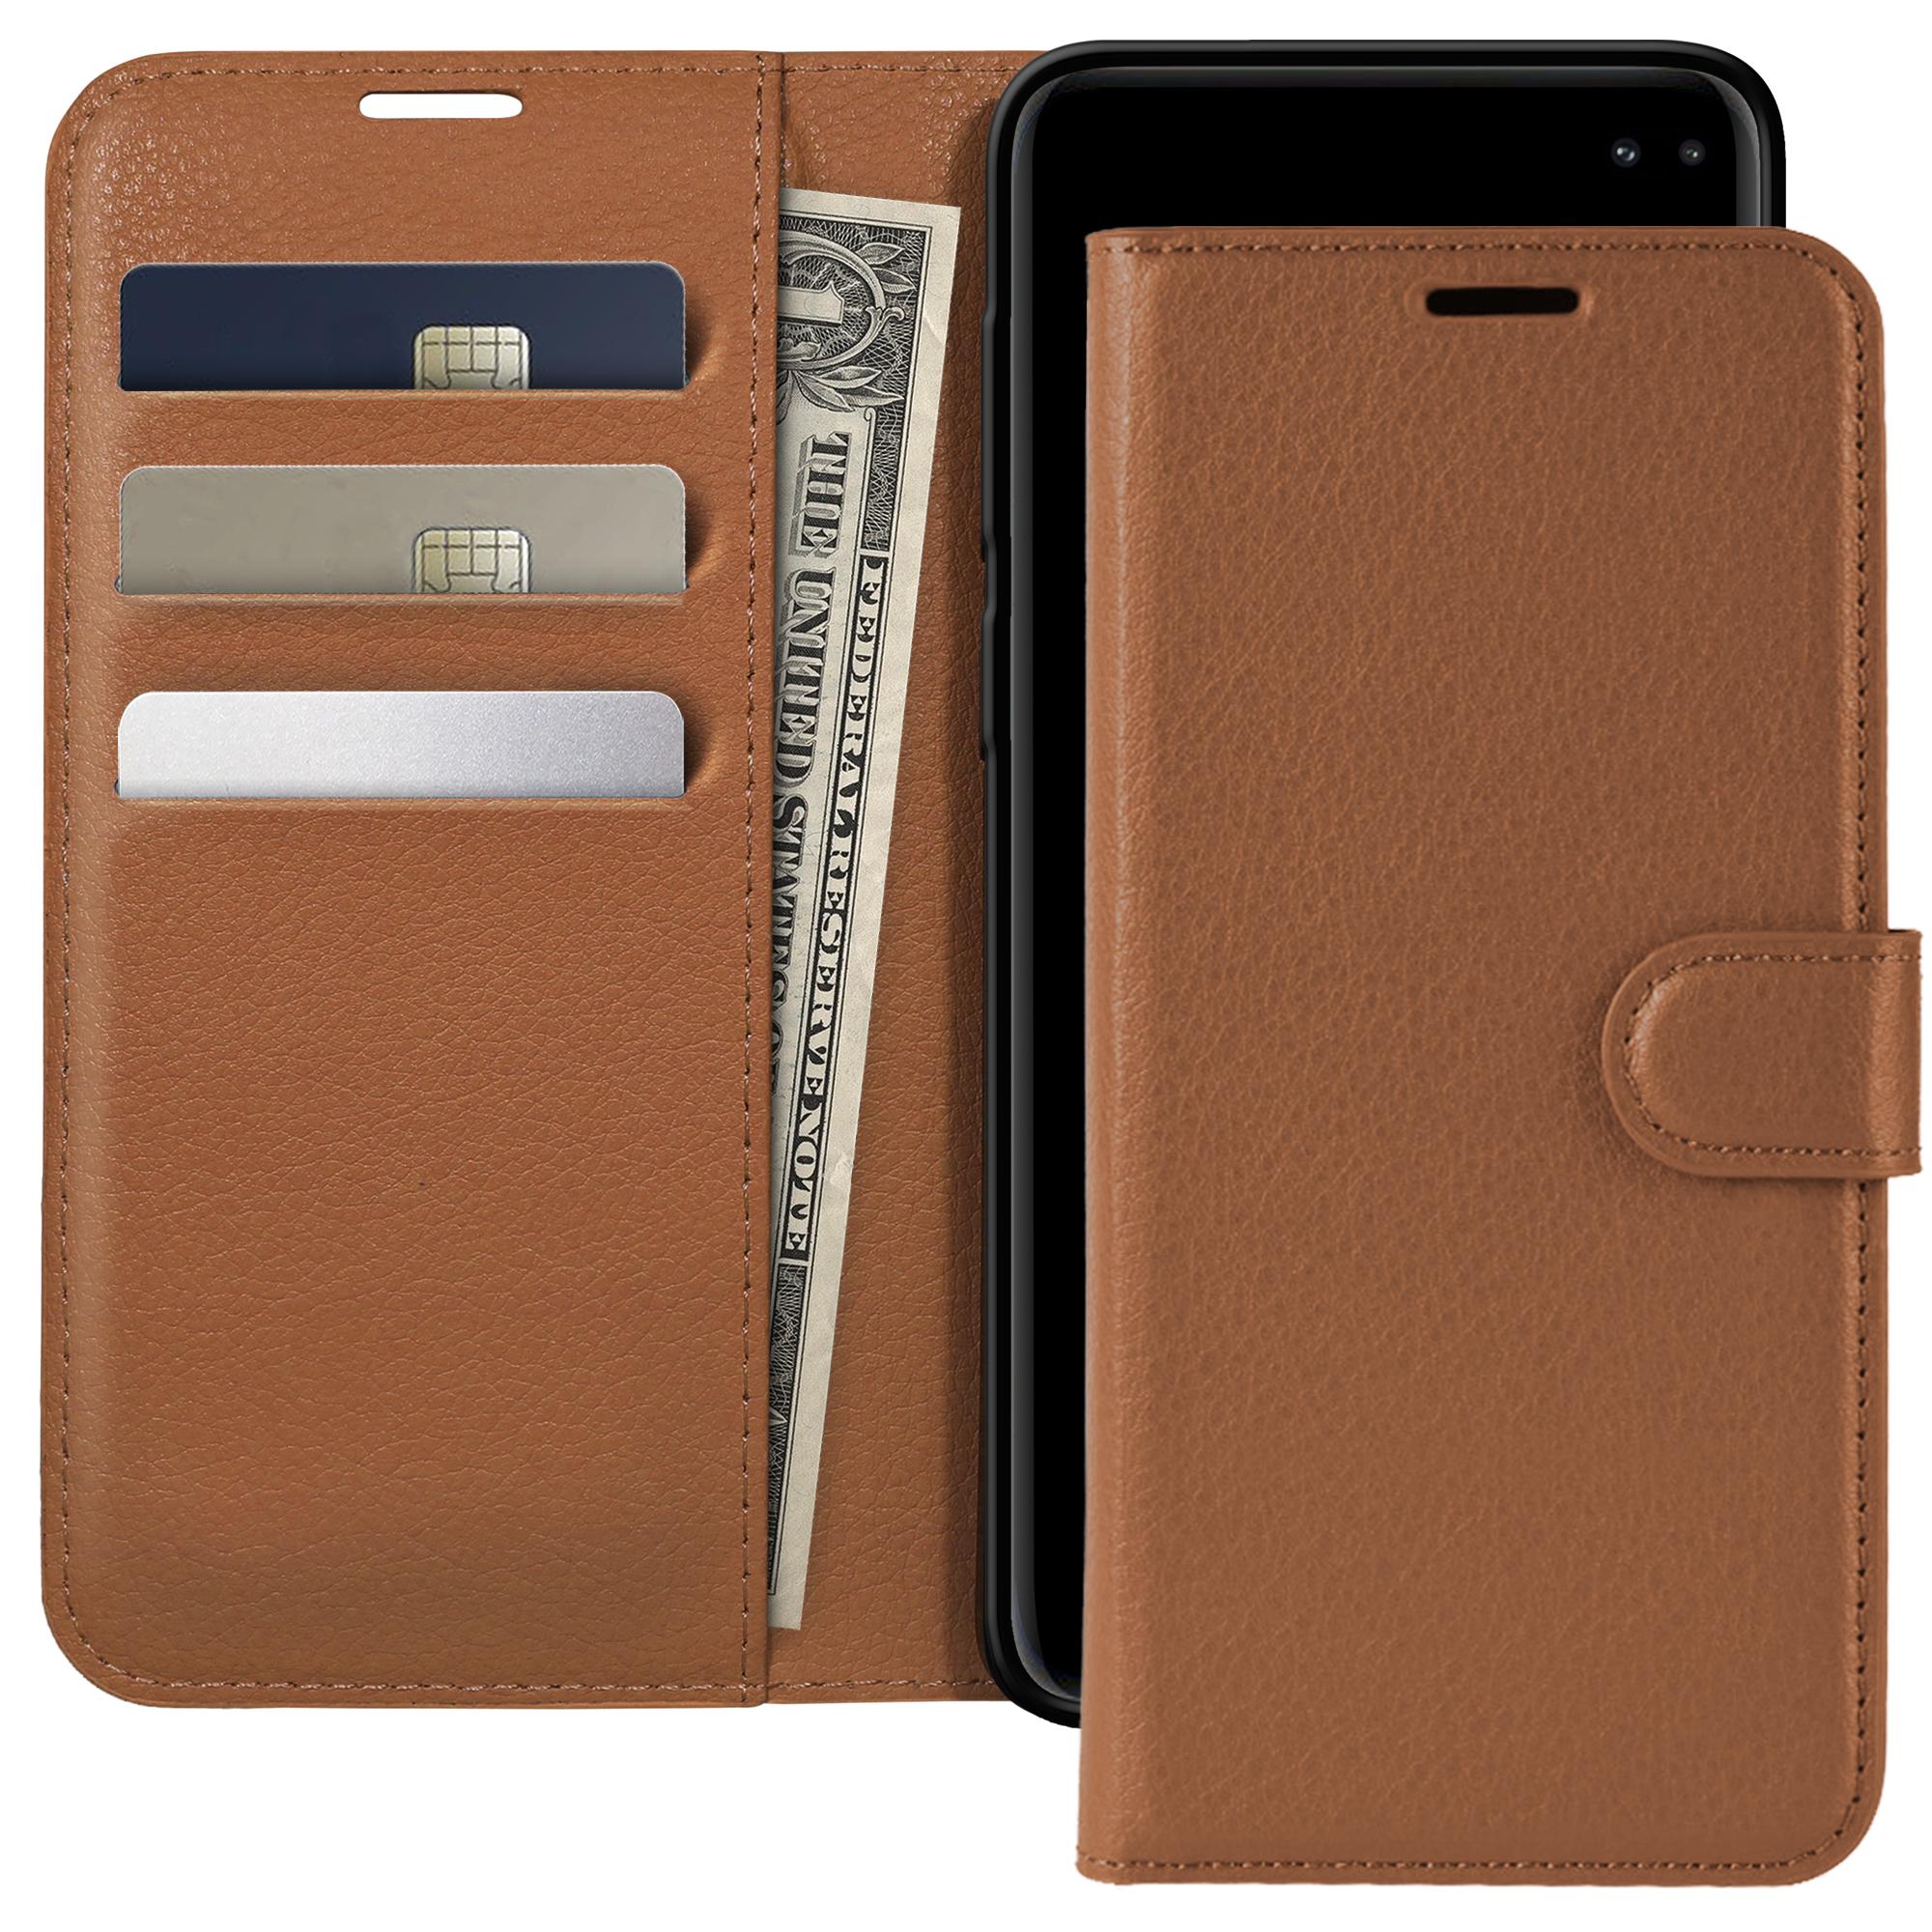 어썸디자인 스테이블 가죽 지갑 다이어리 휴대폰 케이스